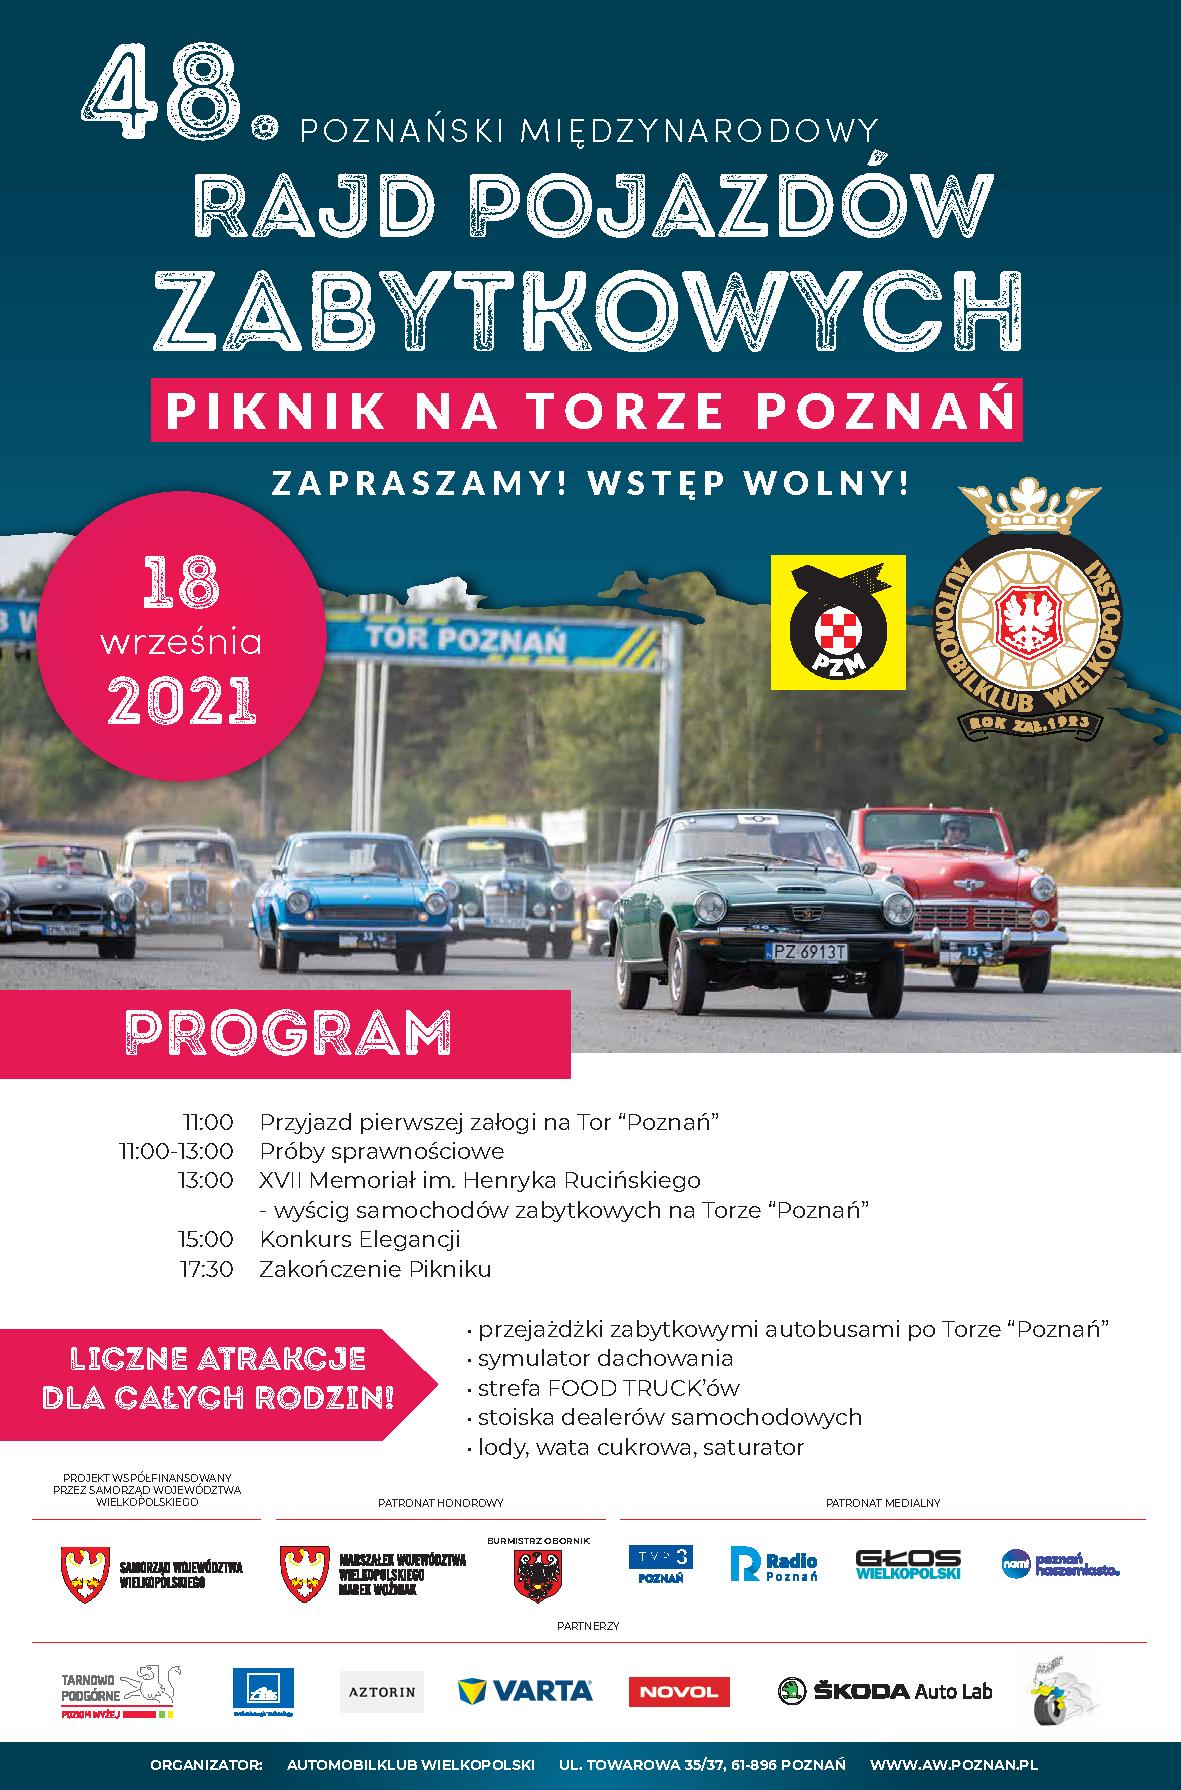 48. Poznański Międzynarodowy Rajd Pojazdów Zabytkowych